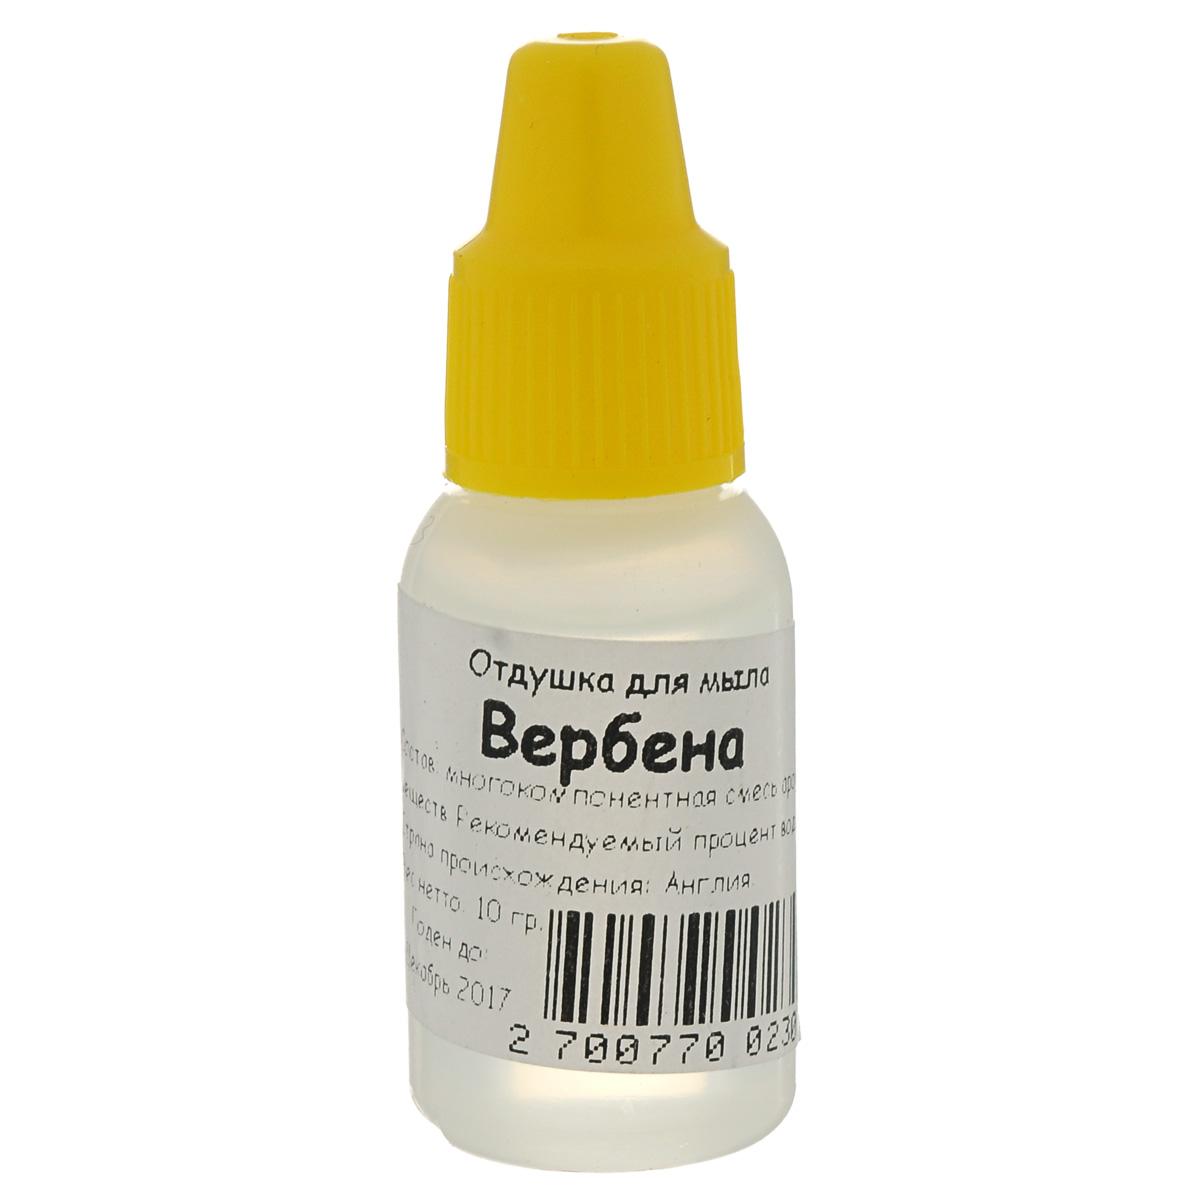 Отдушка для мыла Выдумщики Вербена, 10 г2700770023077Отдушка для мыла Вербена - это не просто ароматизатор, а возможность вдохнуть аромат волшебства в ваше рукотворное мыло. Отдушки и ароматизаторы для мыла - это многокомпонентная смесь натуральных ароматических масел и иных синтетических веществ, которые обладают не только приятным запахом, но и лечебным эффектом. Состав: многокомпонентная смесь ароматических веществ. Товар сертифицирован.